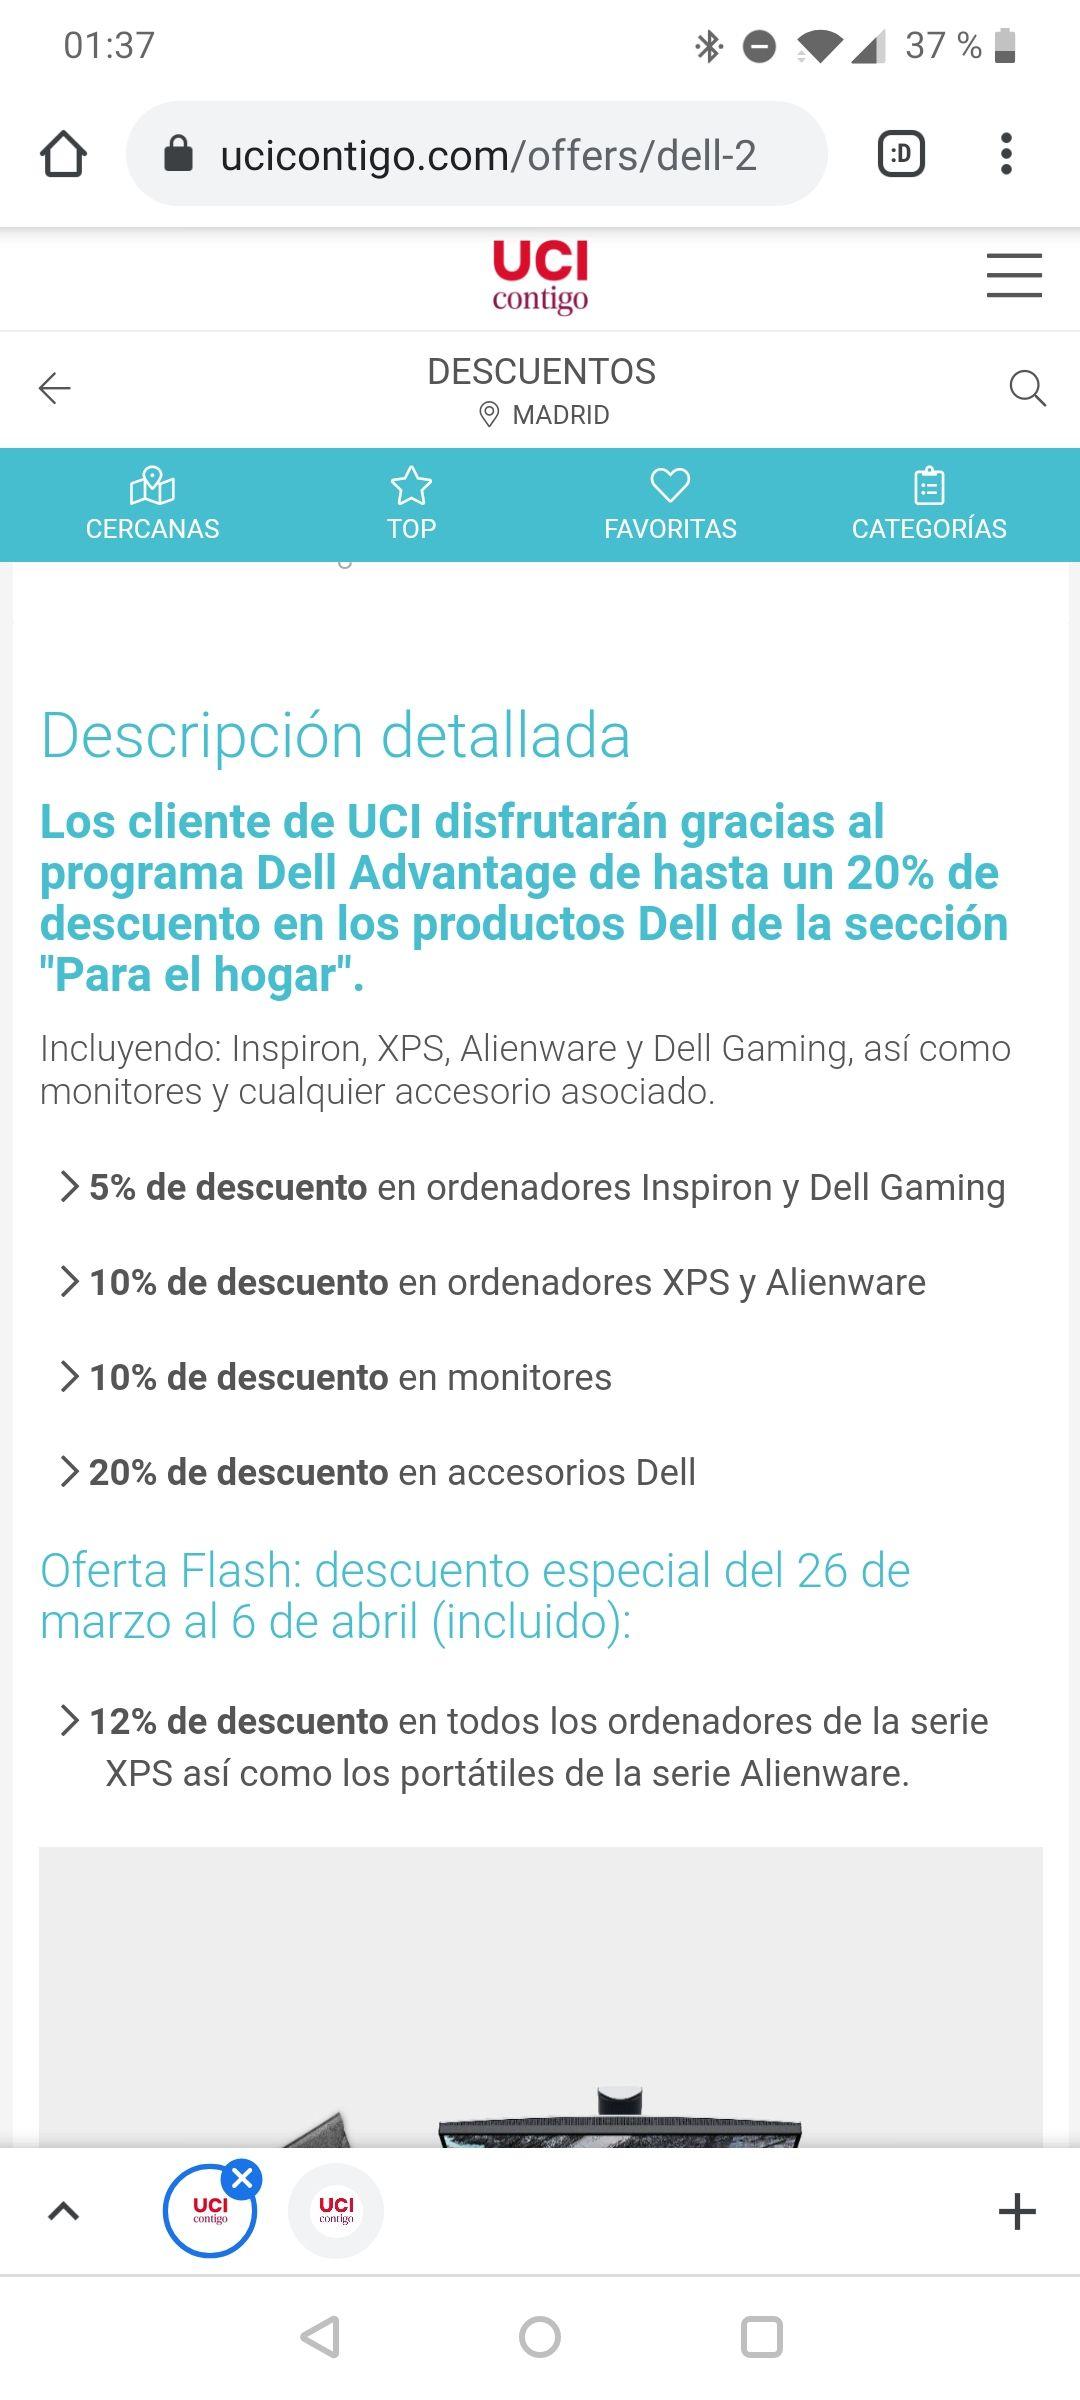 Código hasta 20% de descuento tienda Dell